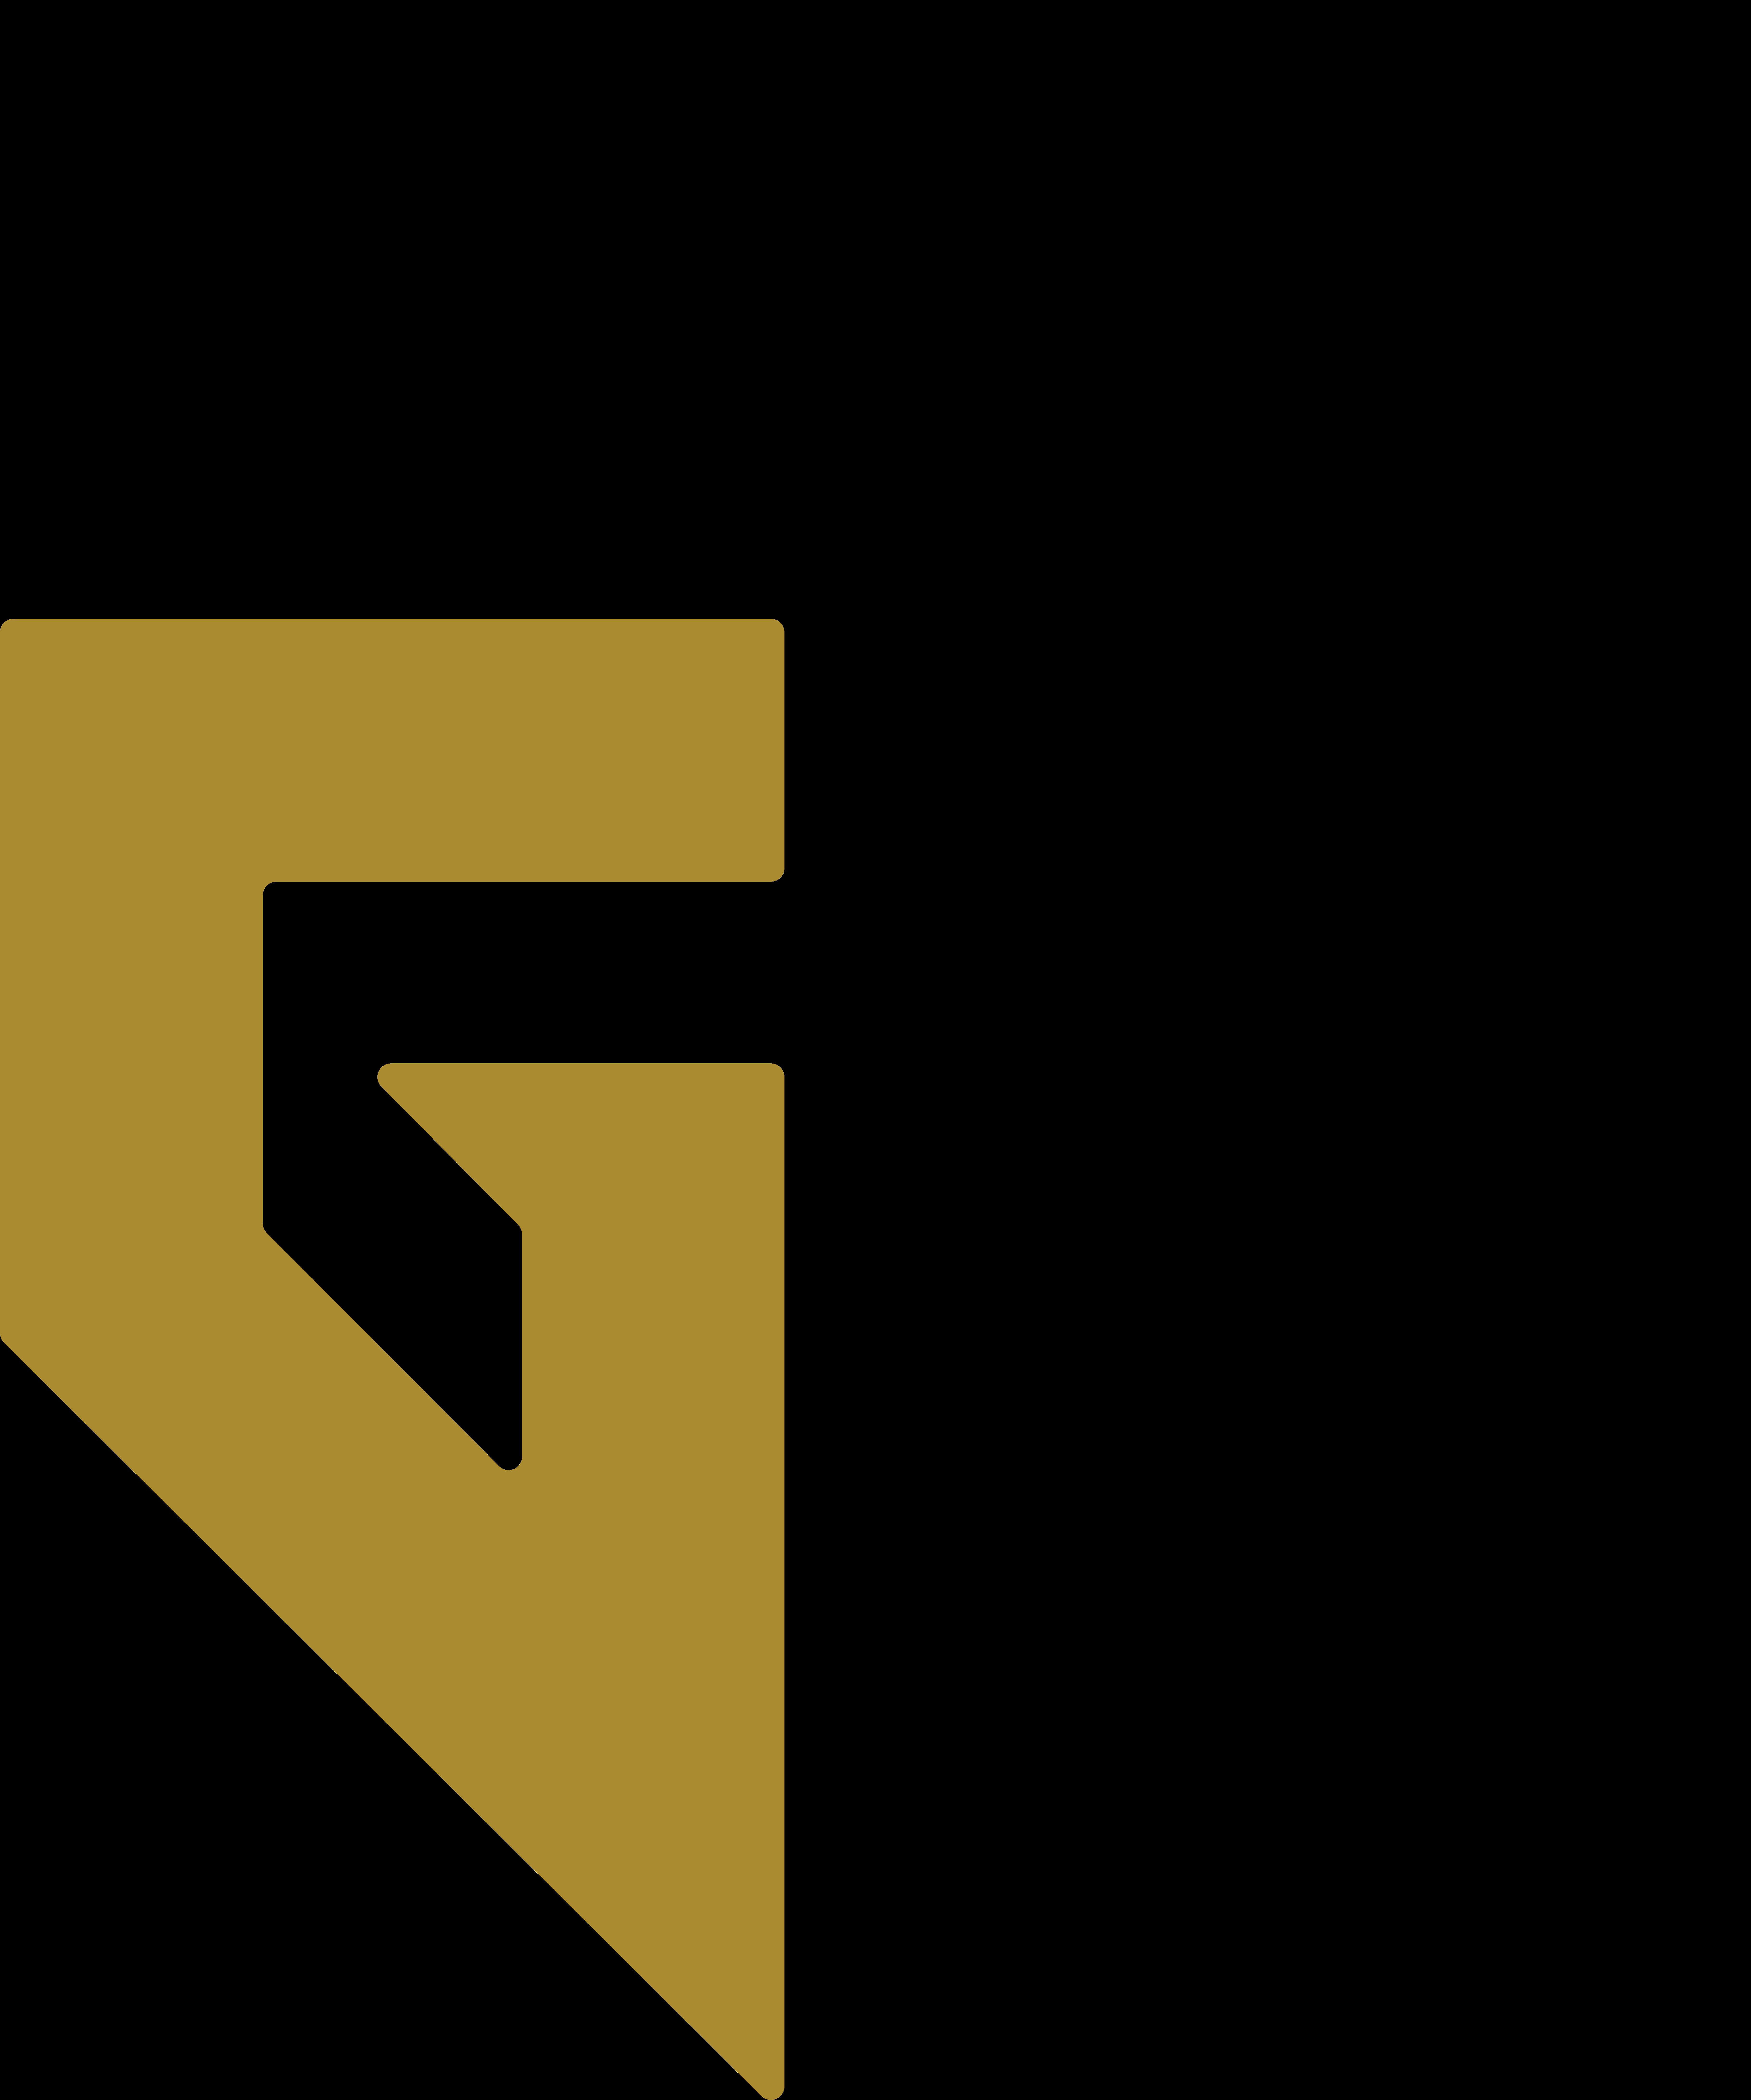 gen g logo